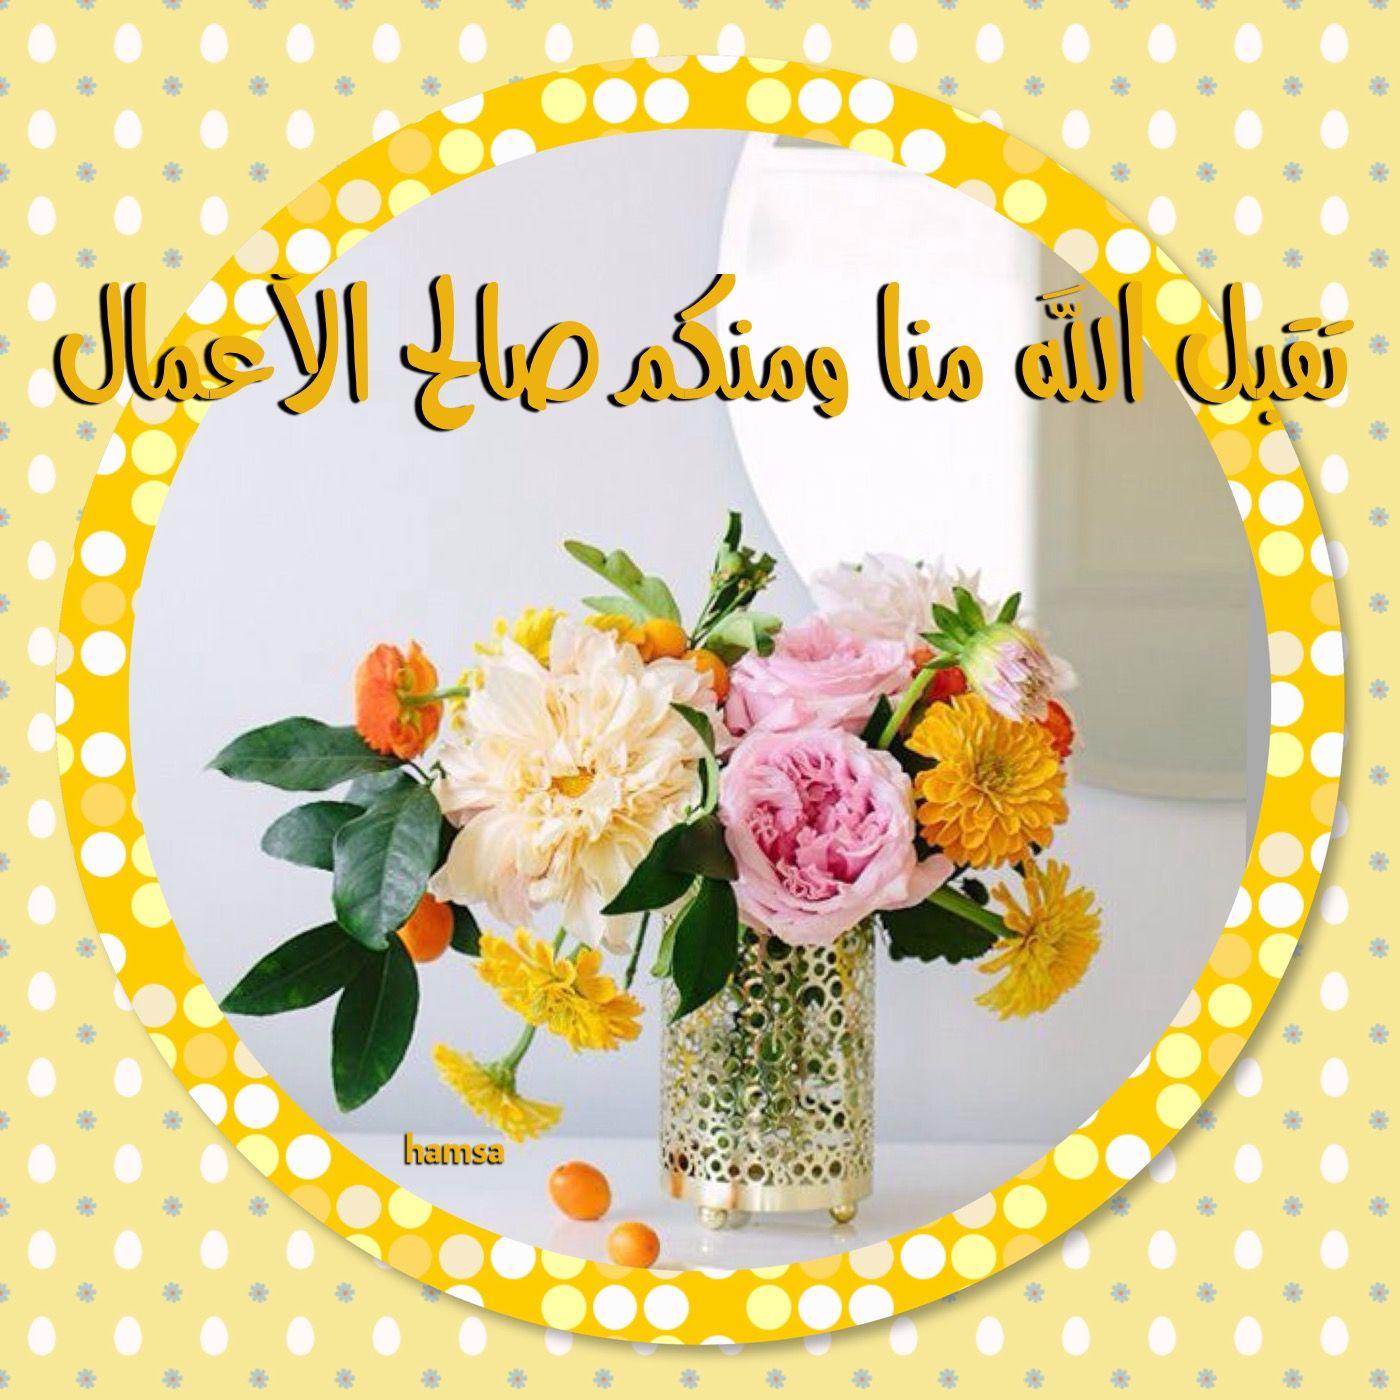 نسأل الله أن يتقبل منا ومنكم الطاعات وأن يوفقنا للصالحات وكل عام وانتم بخير Ramadan Greetings Table Decorations